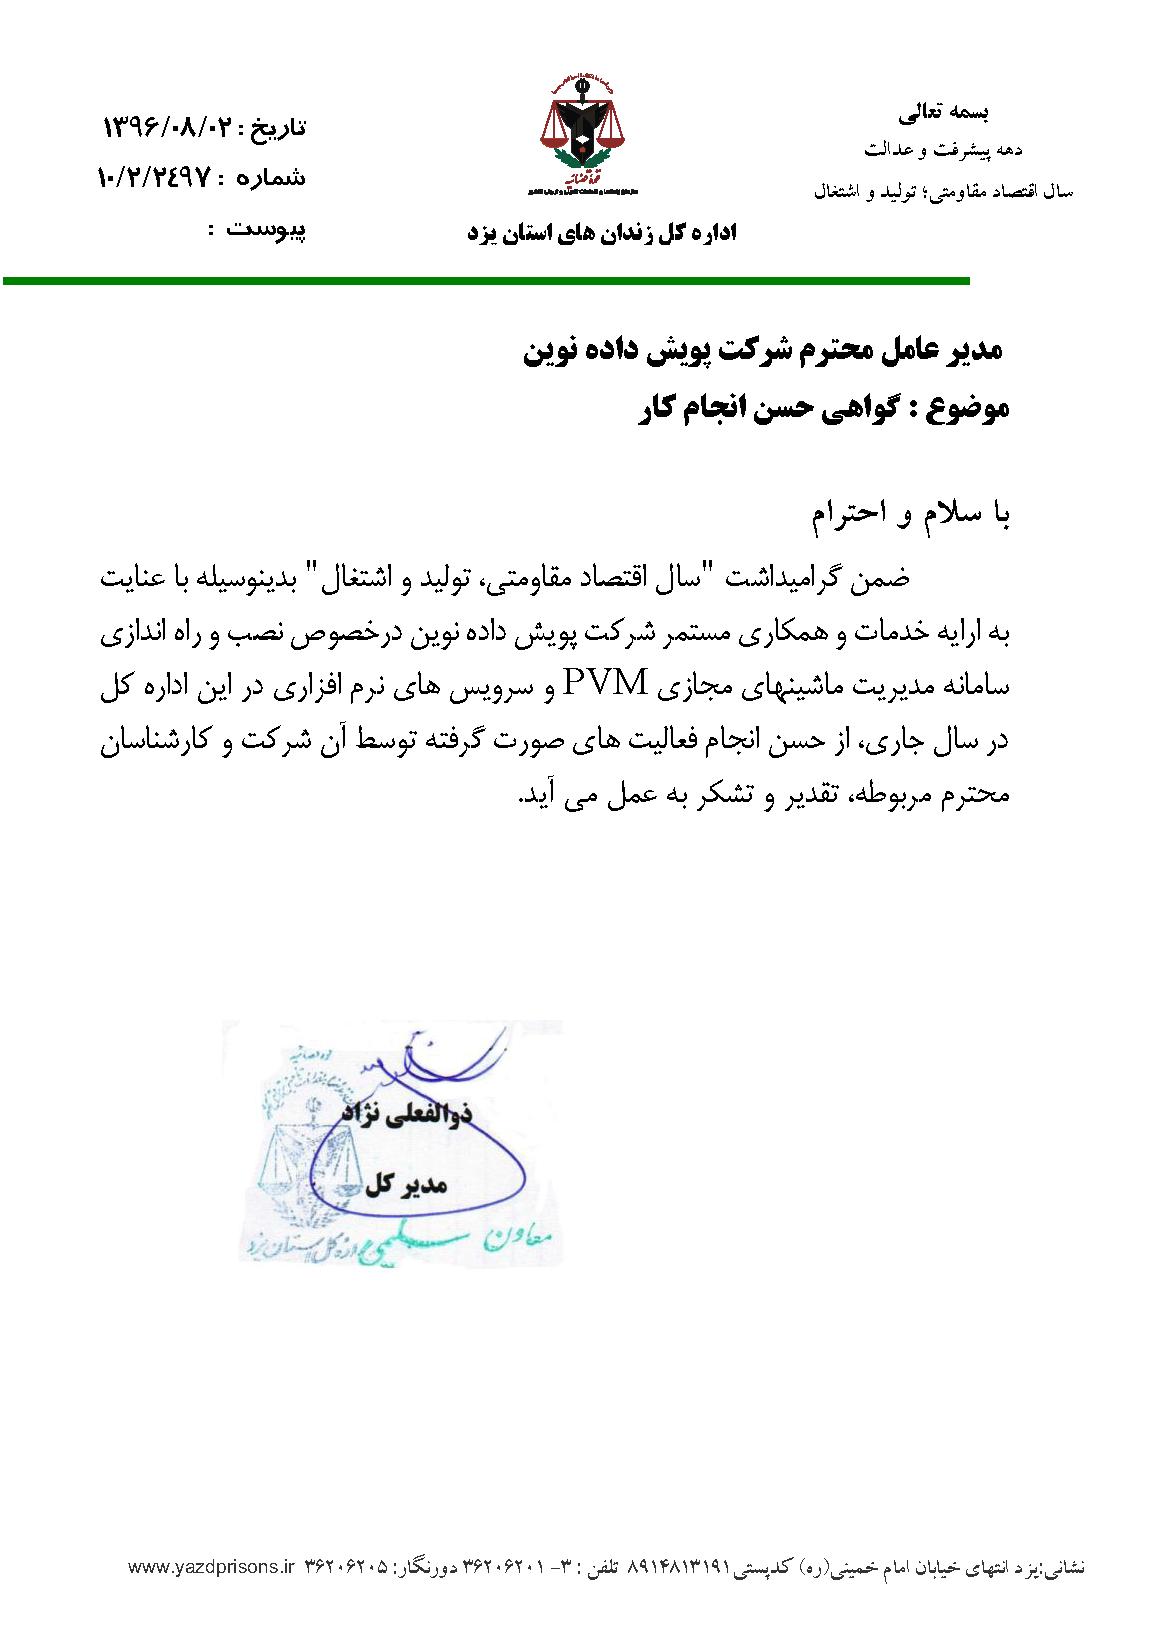 اداره کل زندانهای استان یزد.png -